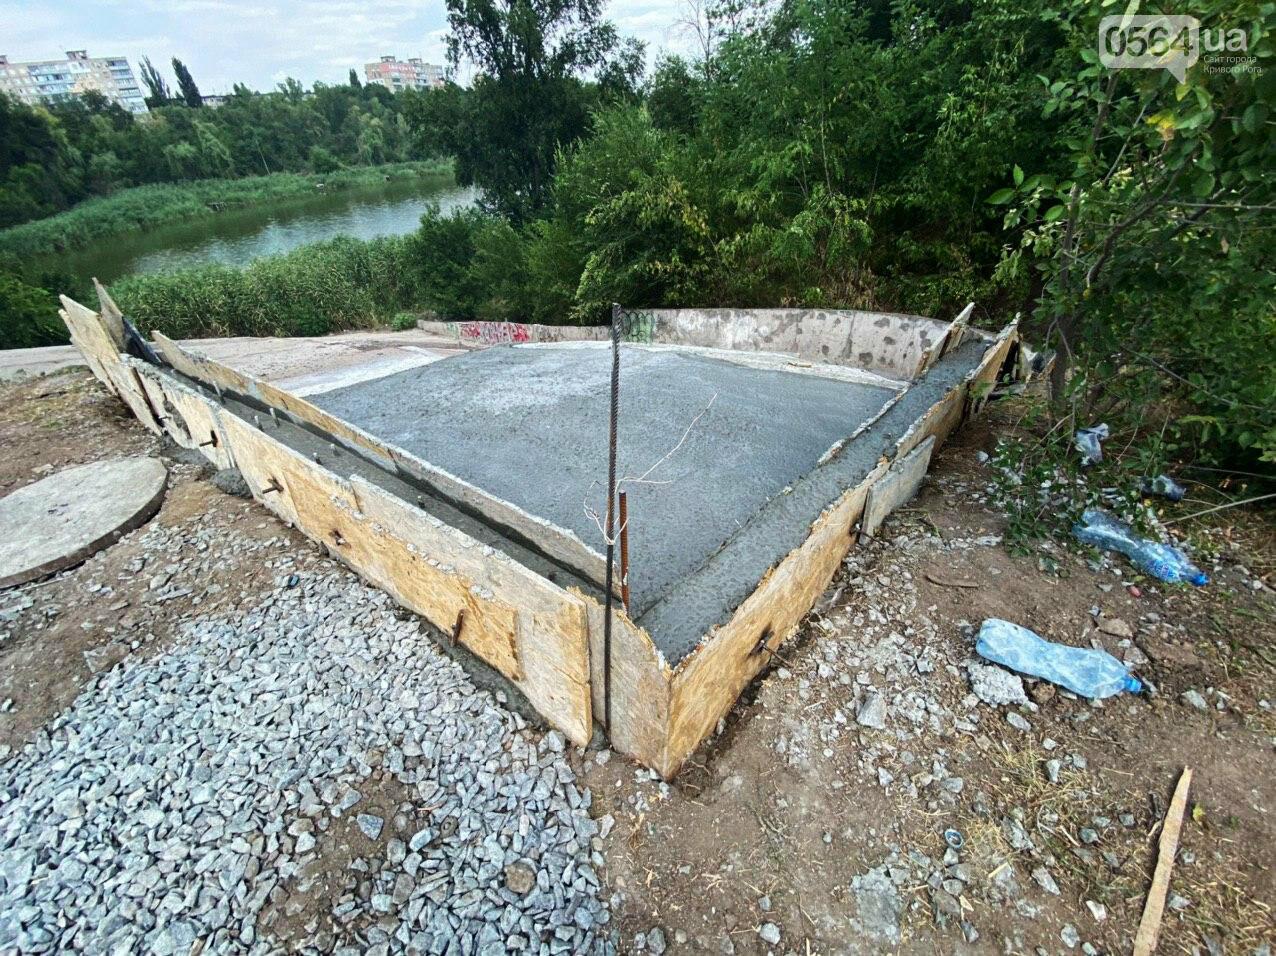 В Кривом Роге опять ремонтируют мост, где 5 лет назад произошло ЧП, - ФОТО , фото-12